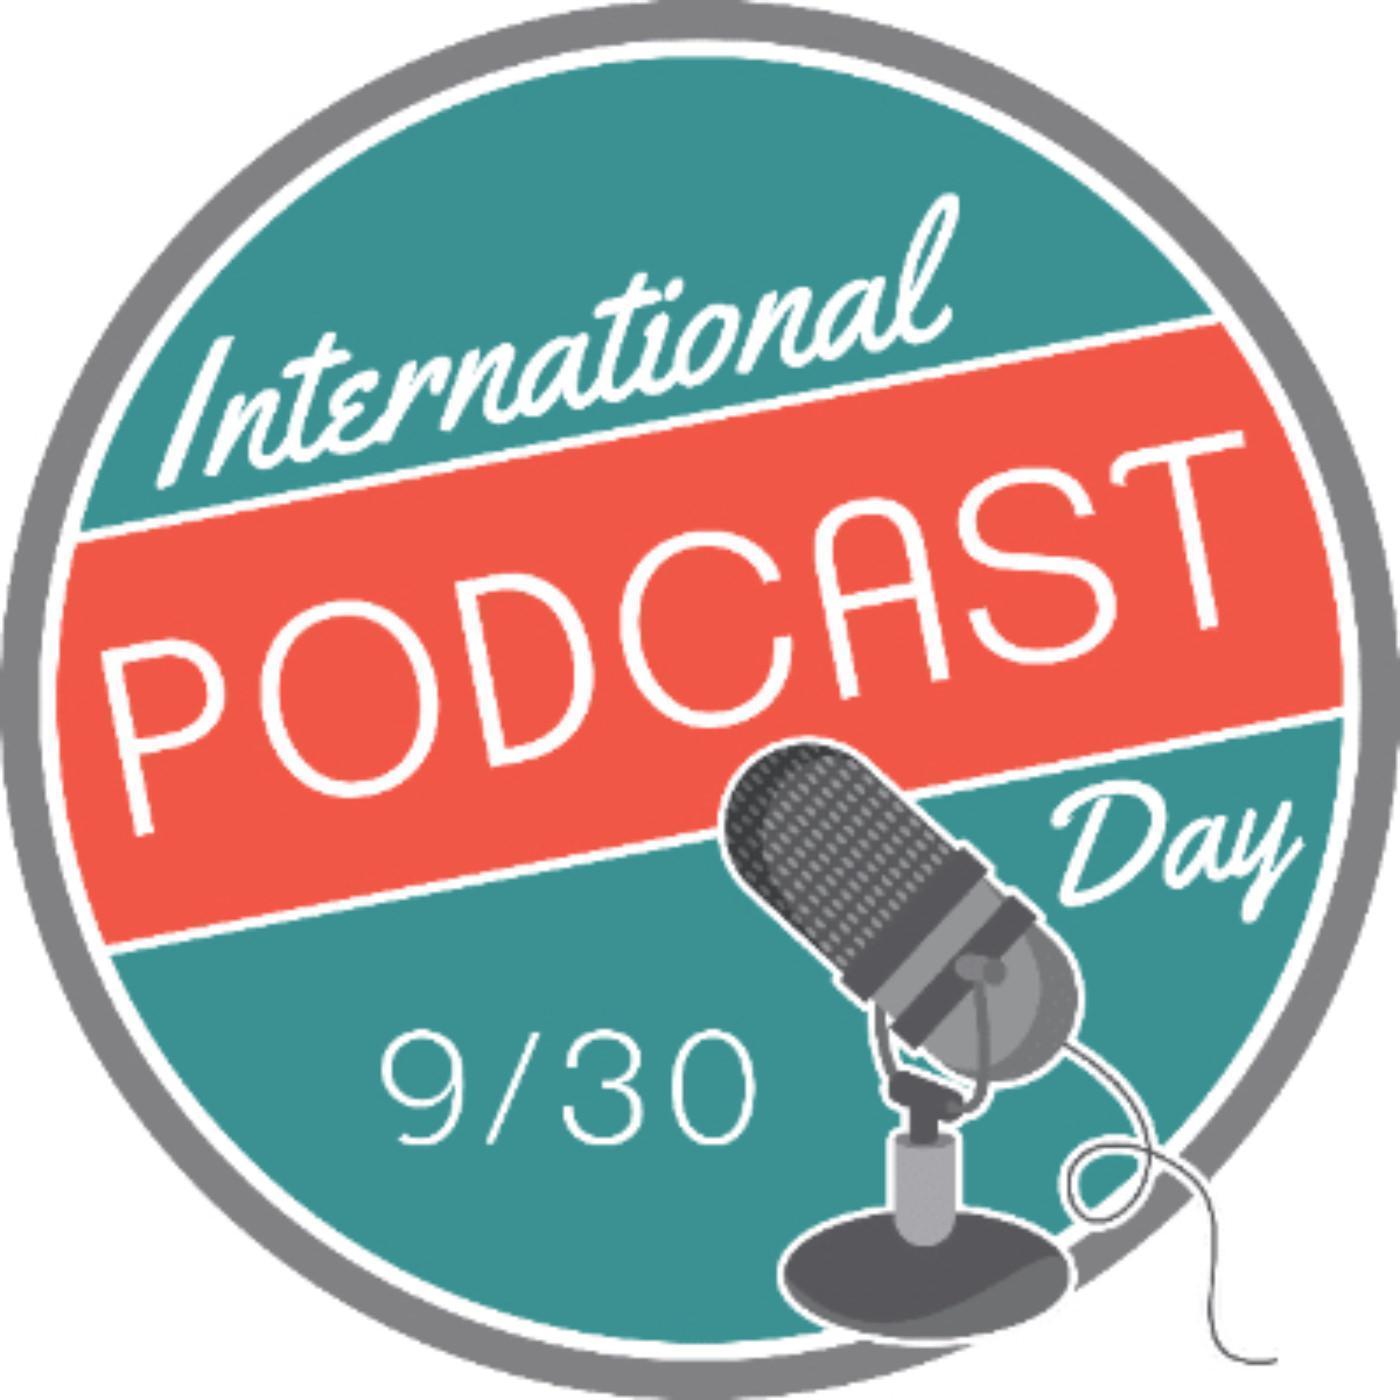 7/24 Podcast: Dünya Podcast Günü Şerefine 7 Türkçe, 24 İngilizce Yapım